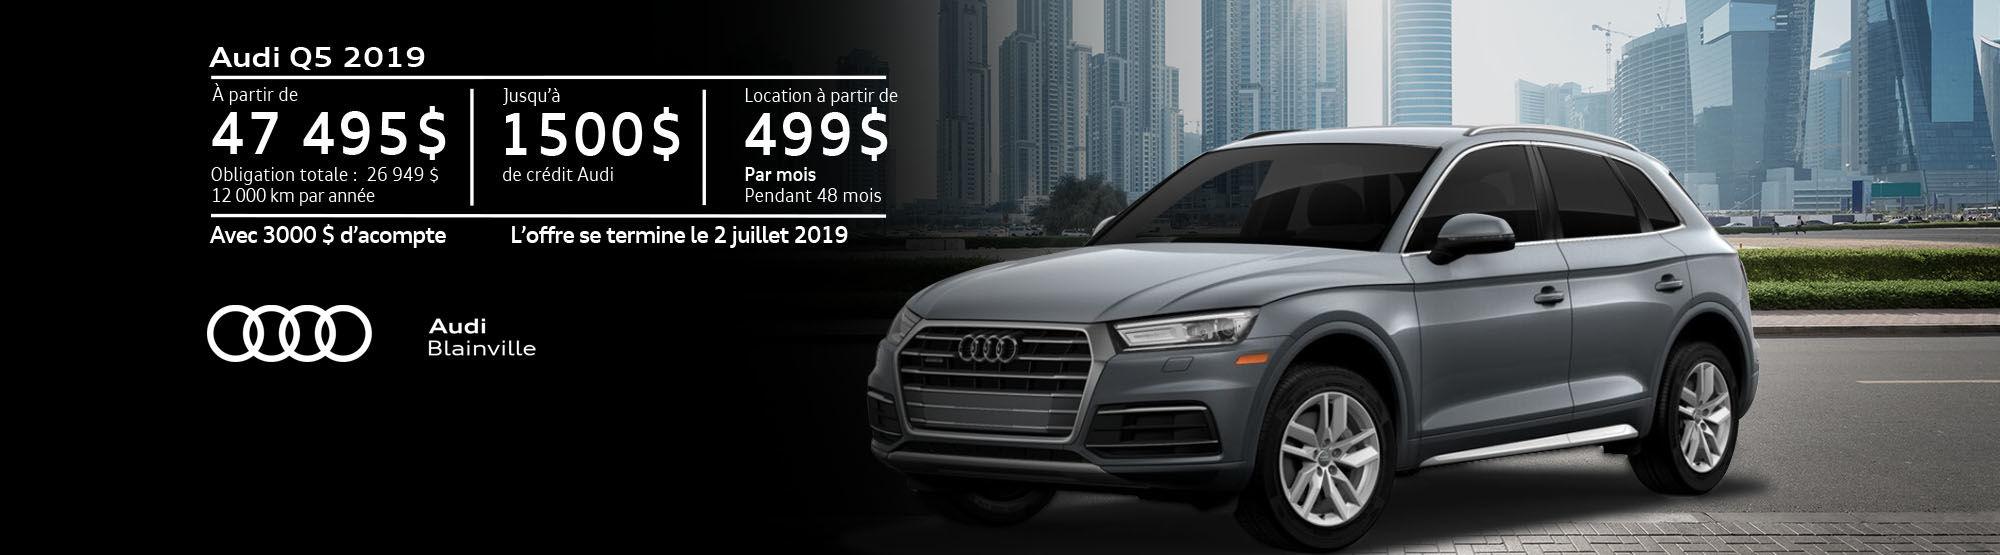 Audi Q5 juin 2019